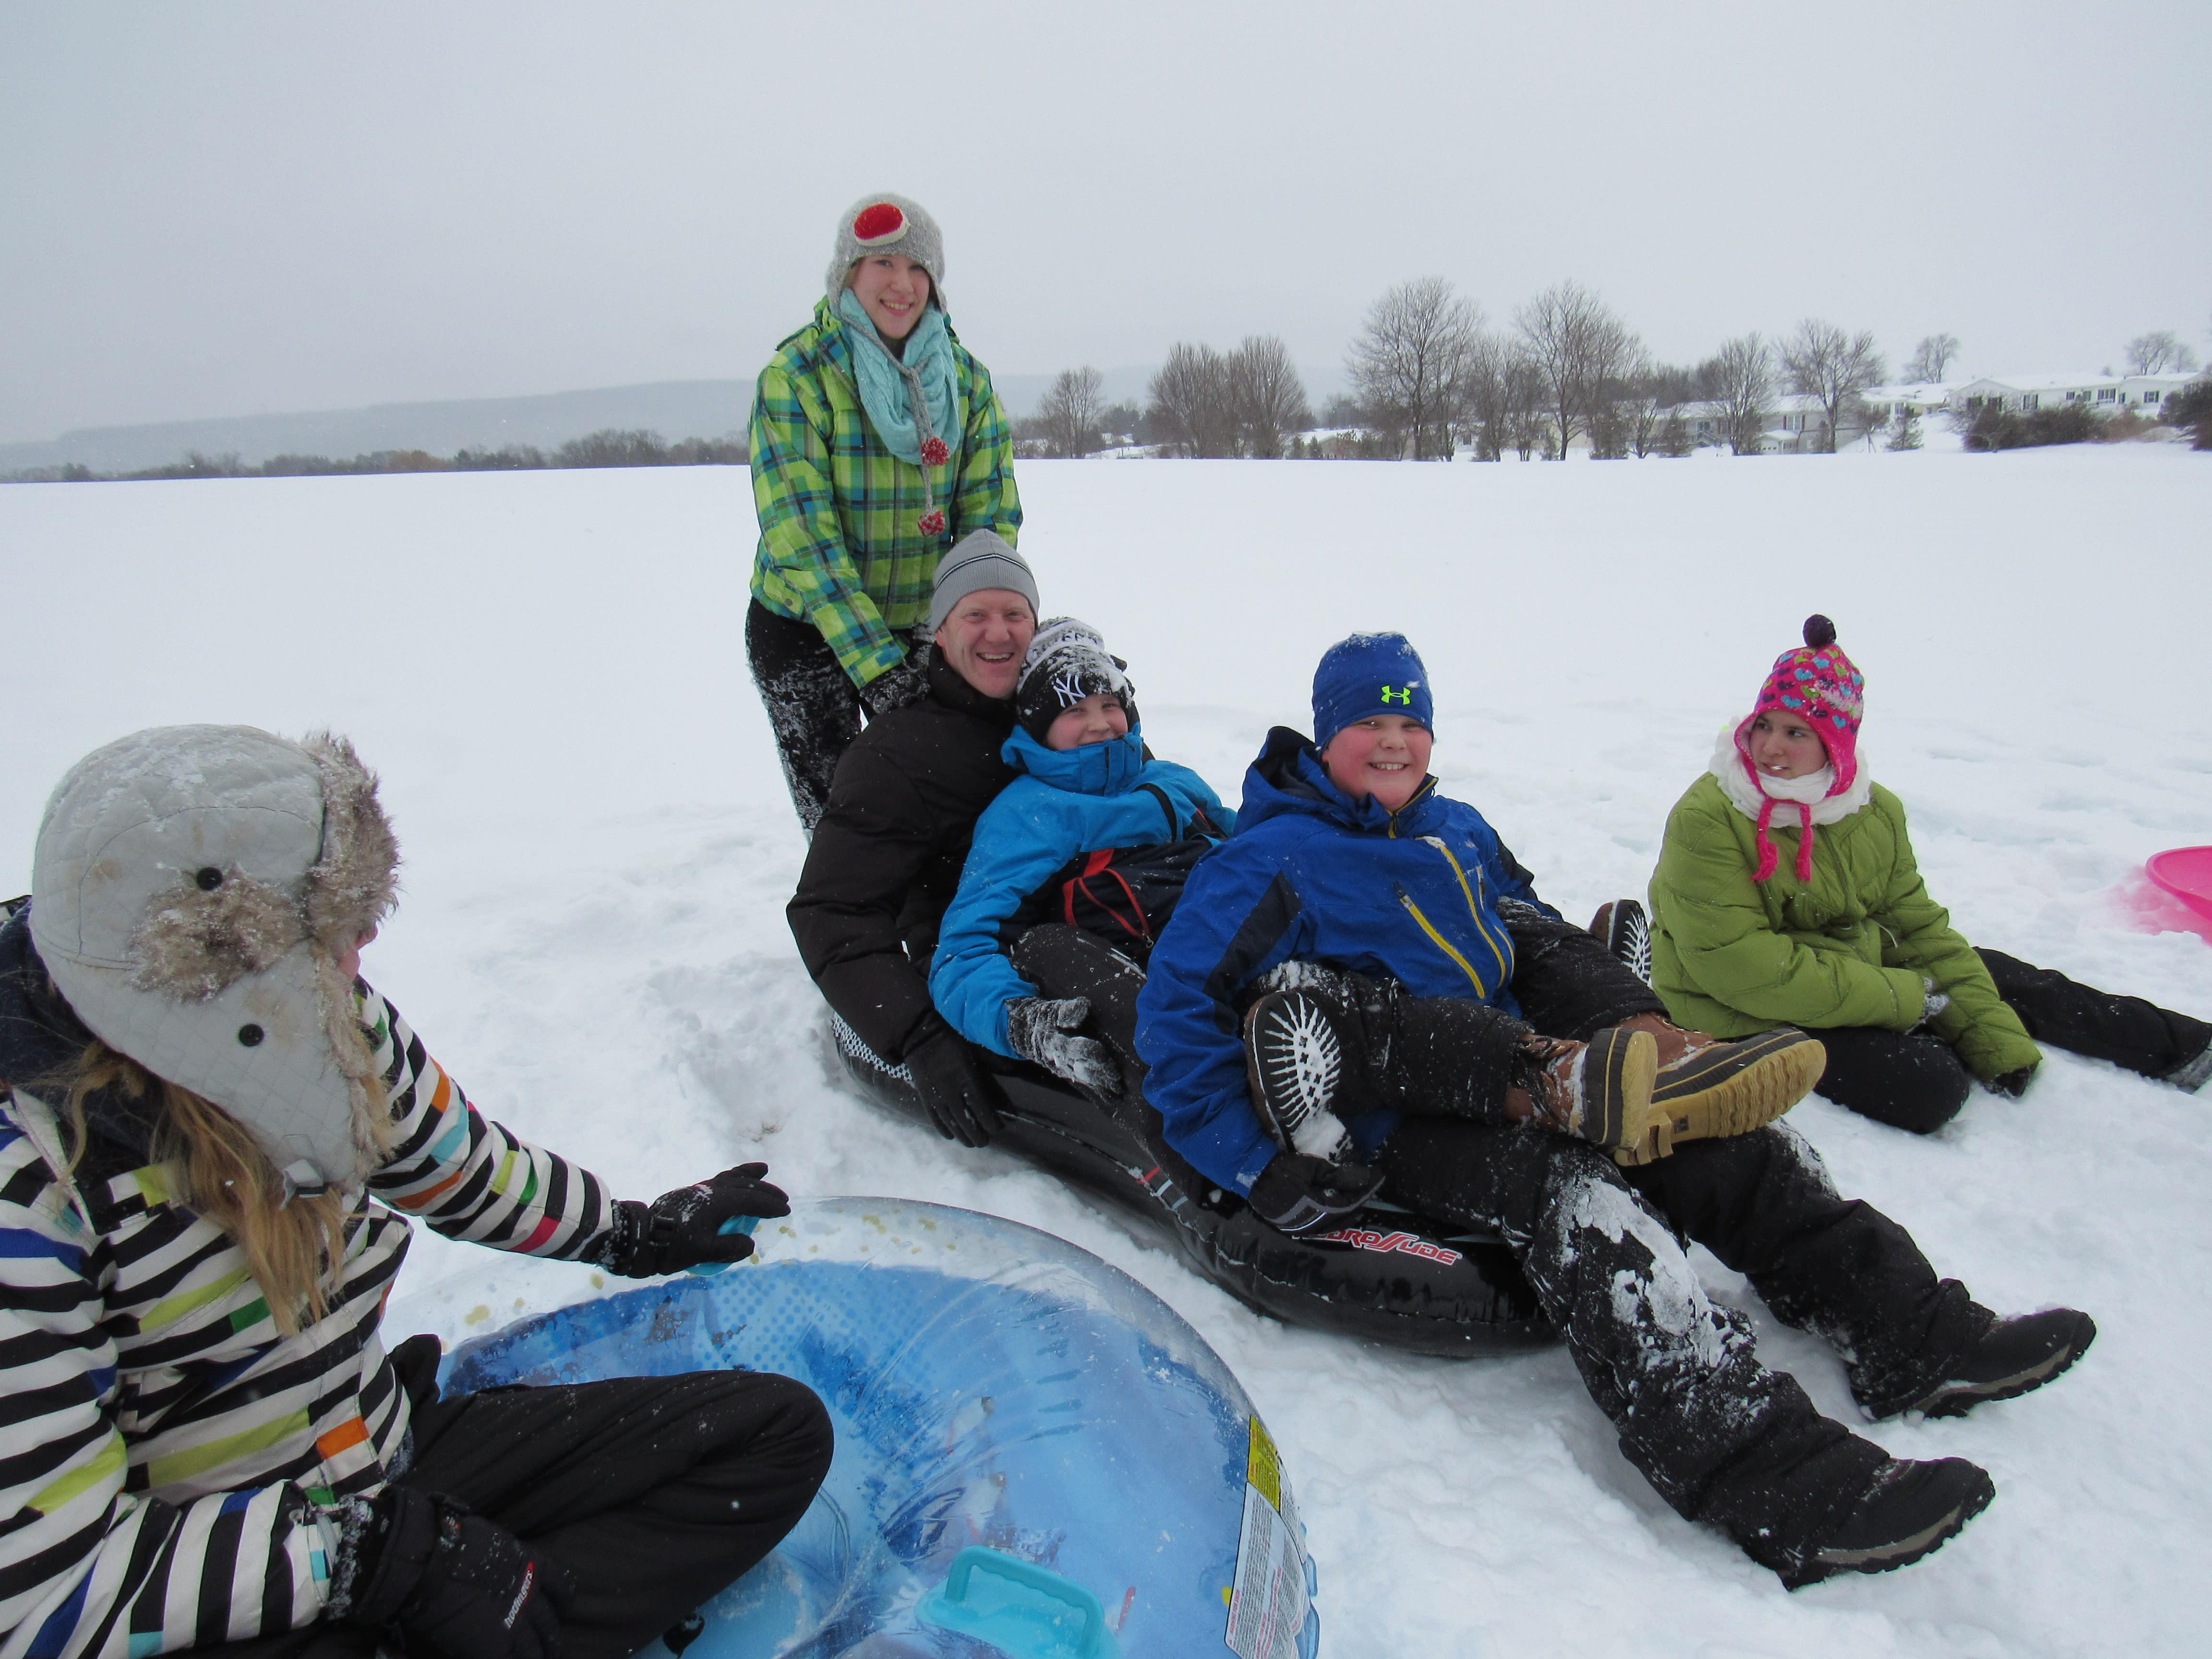 Sledding fun - family style!